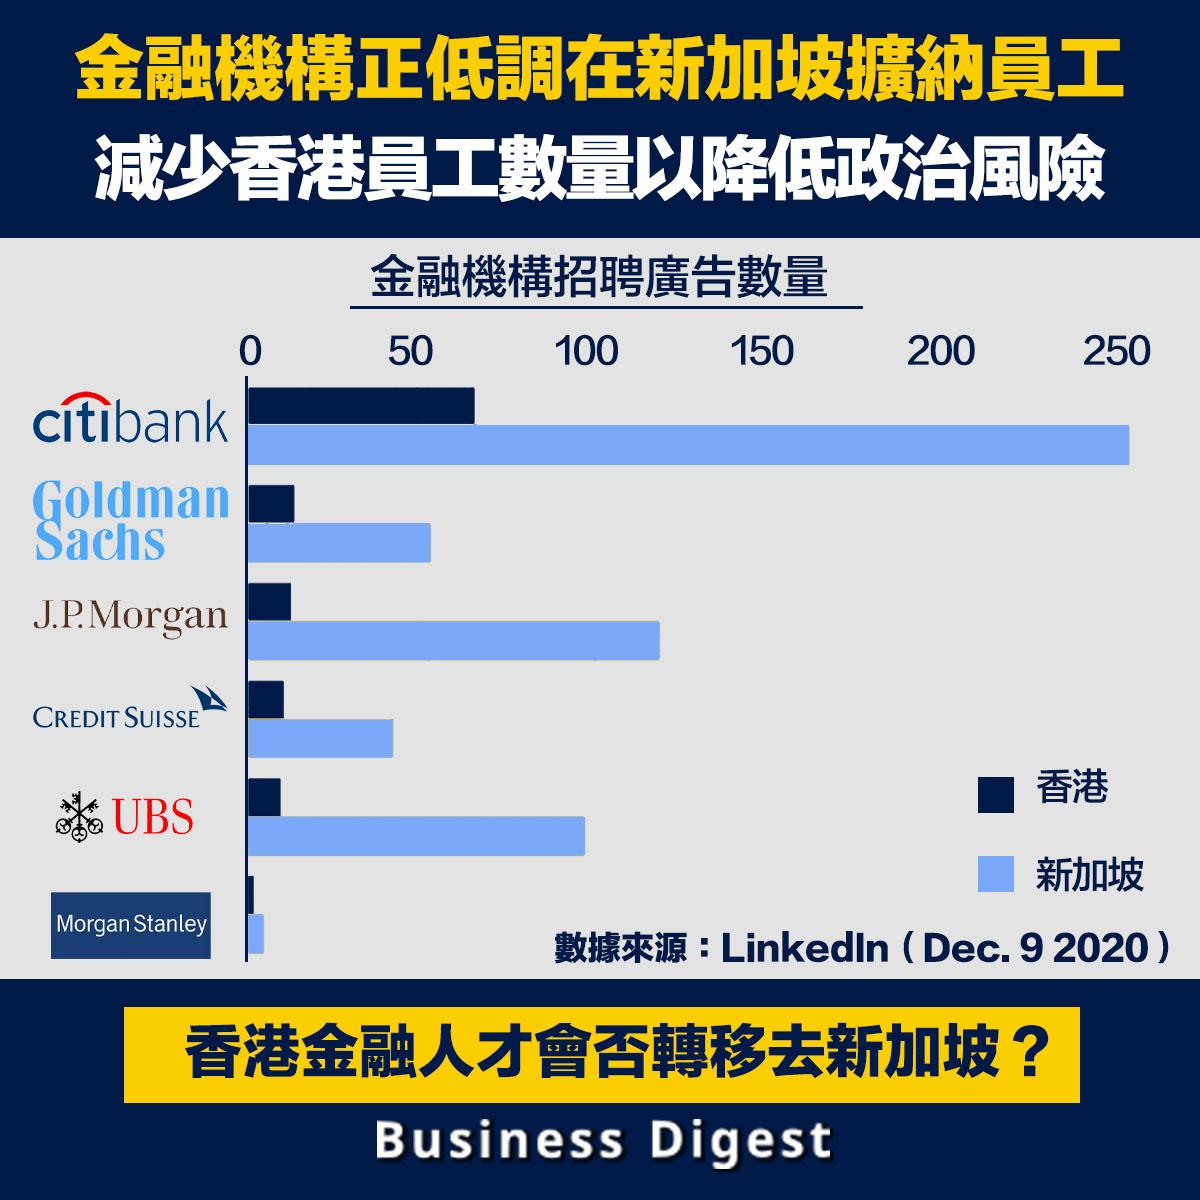 金融機構正低調在新加坡擴納員工,減少香港員工數量以降低政治風險